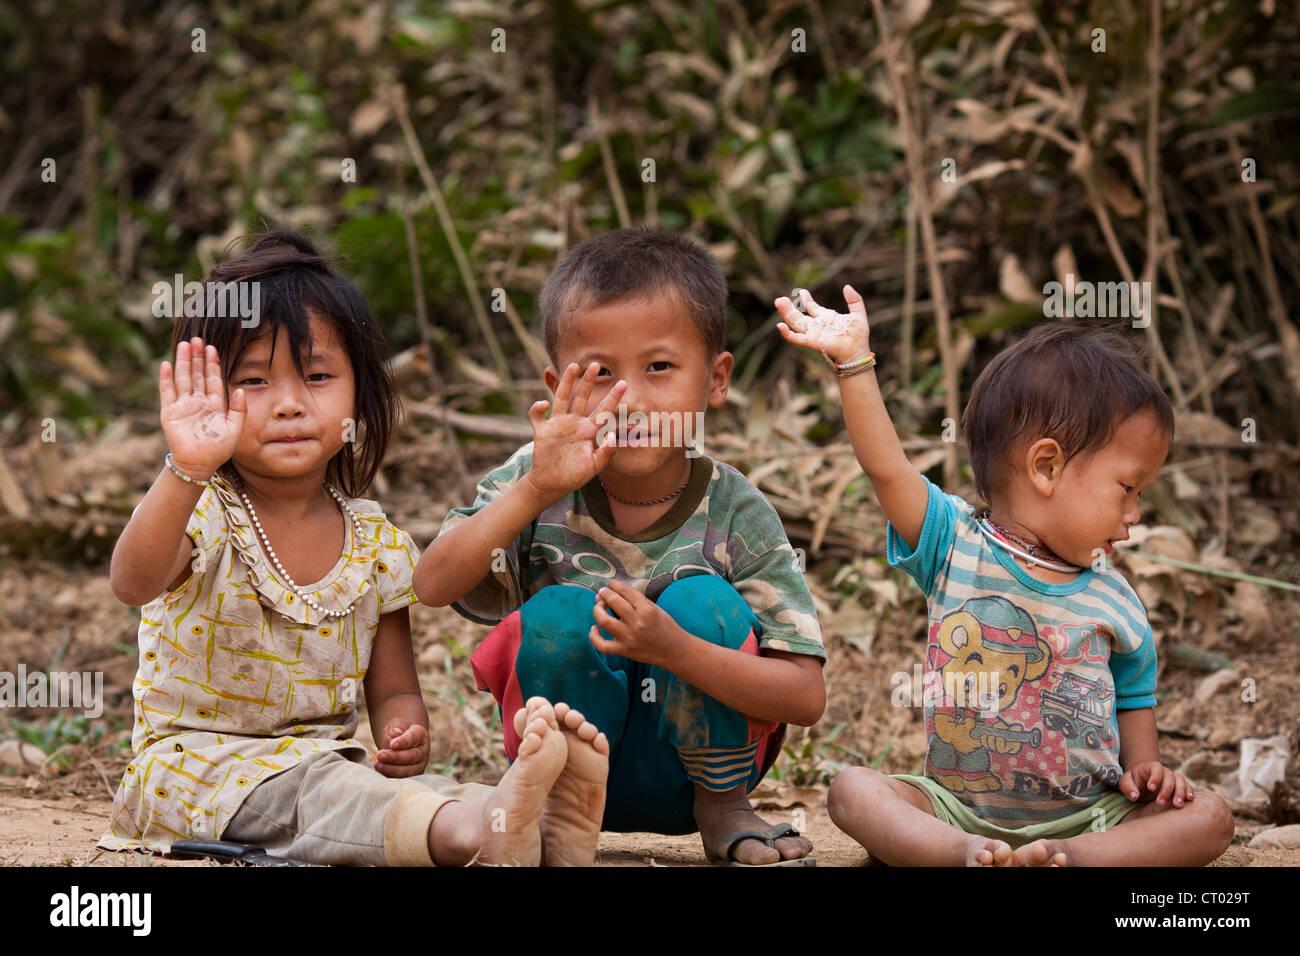 happy poor kids stock